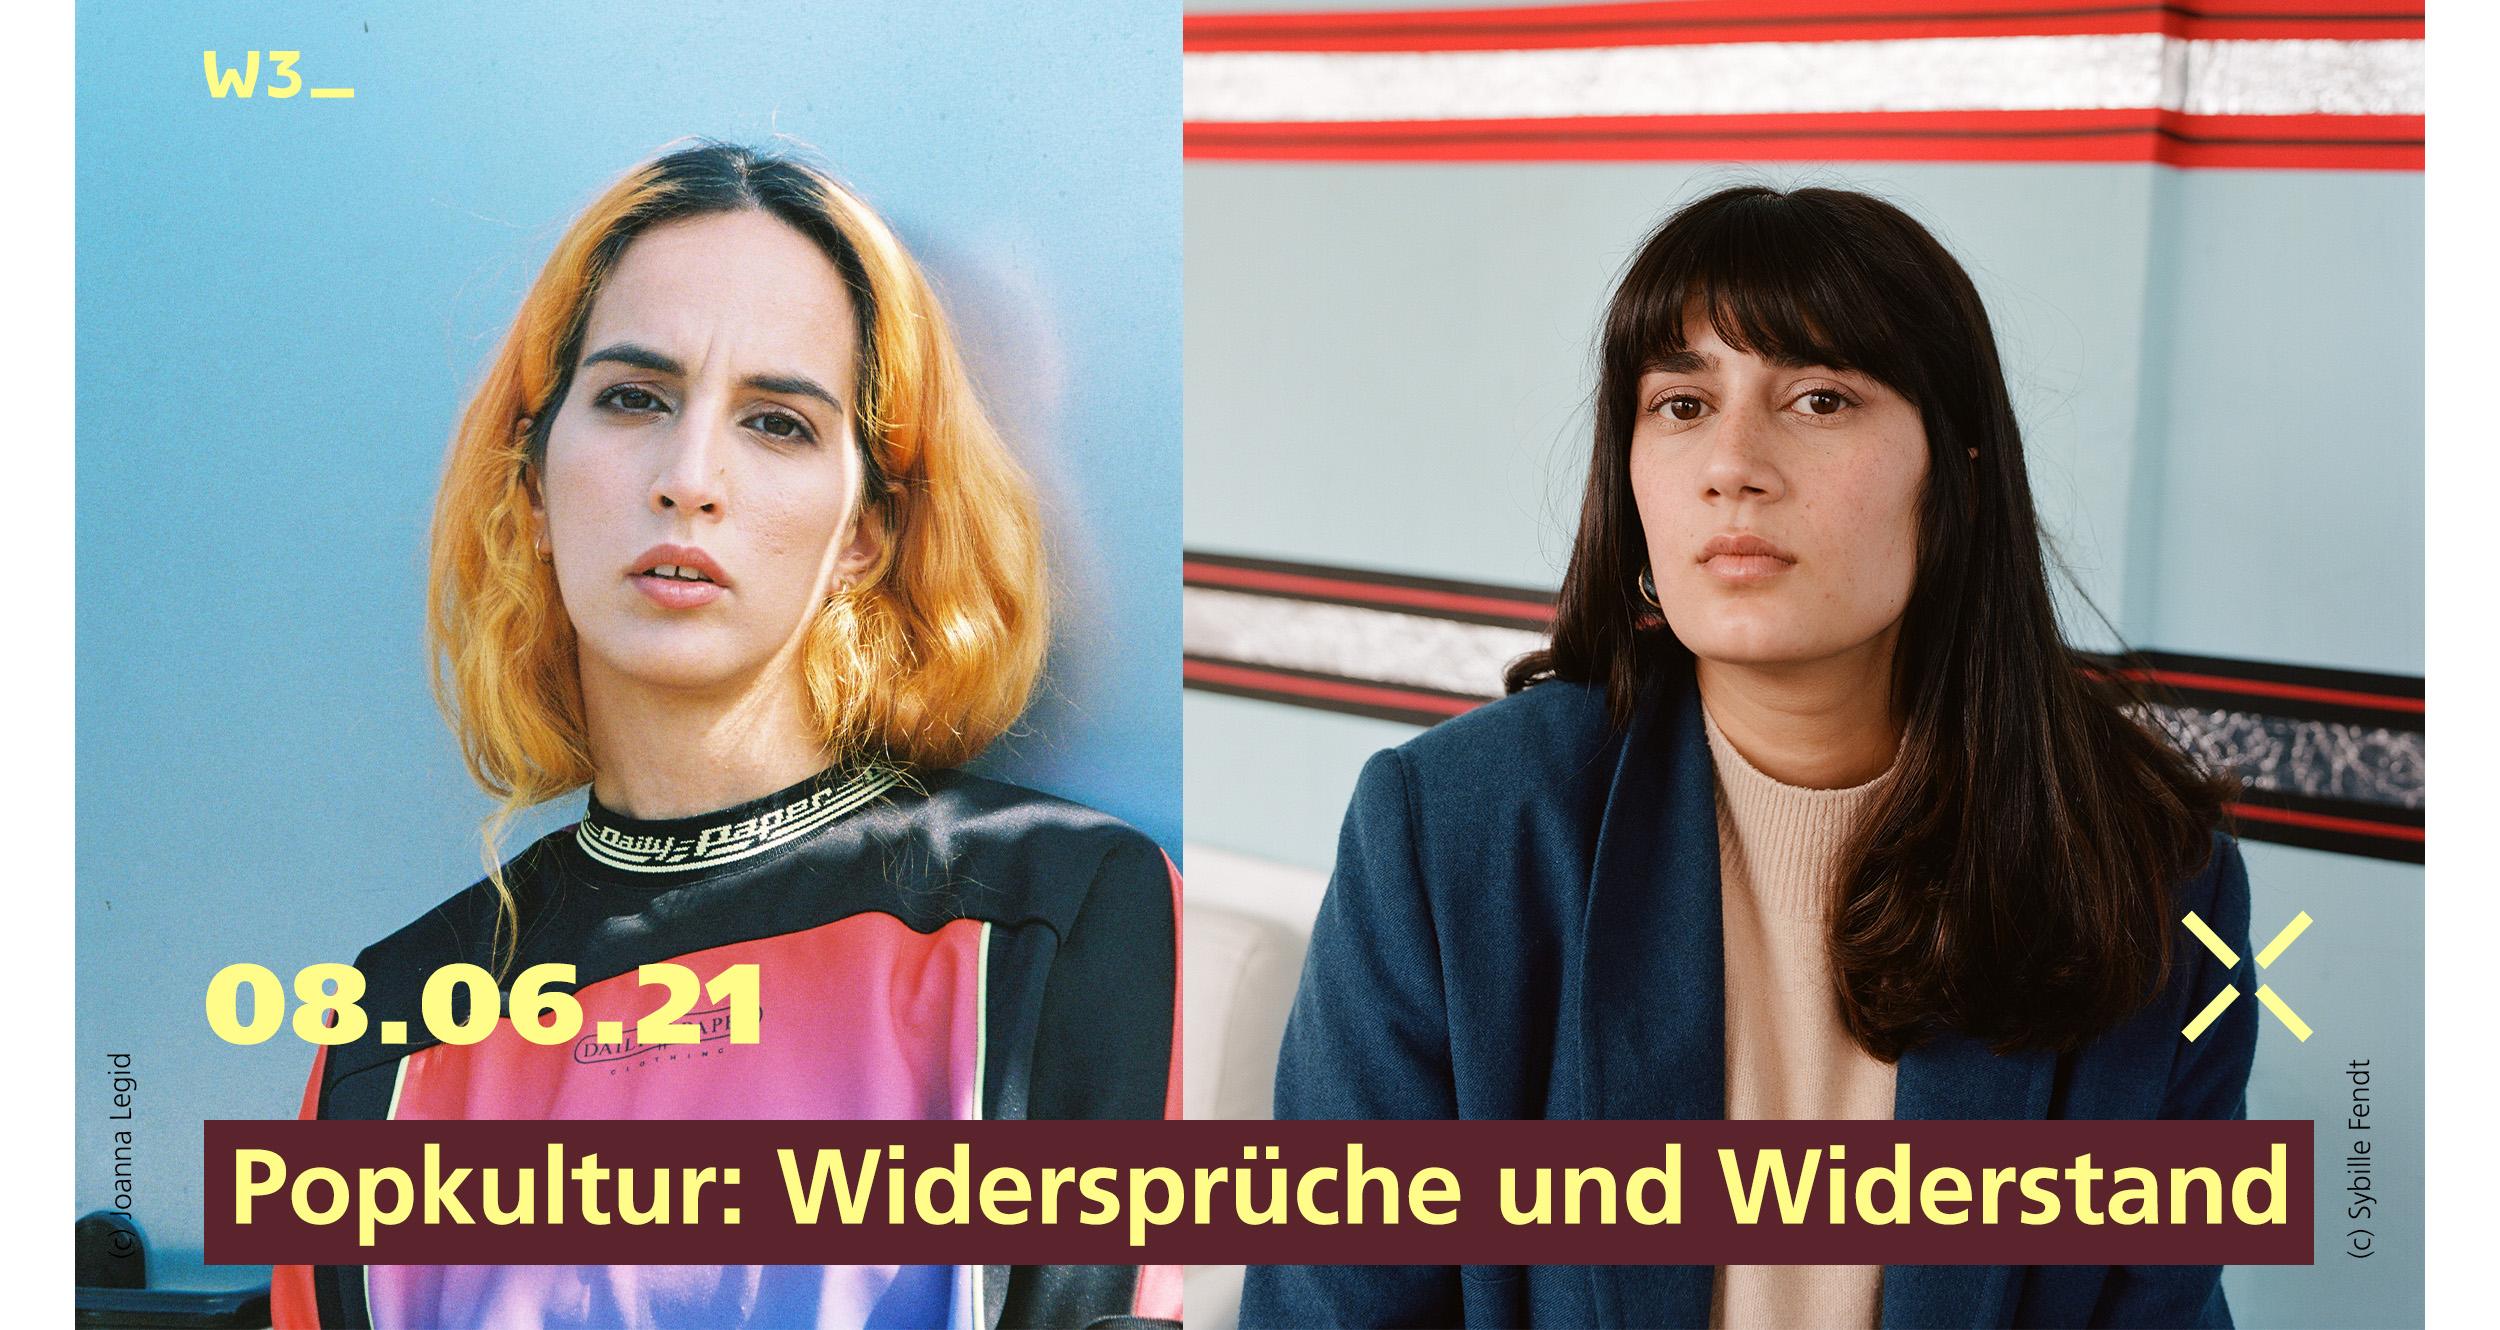 Veranstaltungsbild Neue Deutsche Analysen. Credits: Ebow / Joanna Legid; Fatma Aydemir/ Sybille Fendt